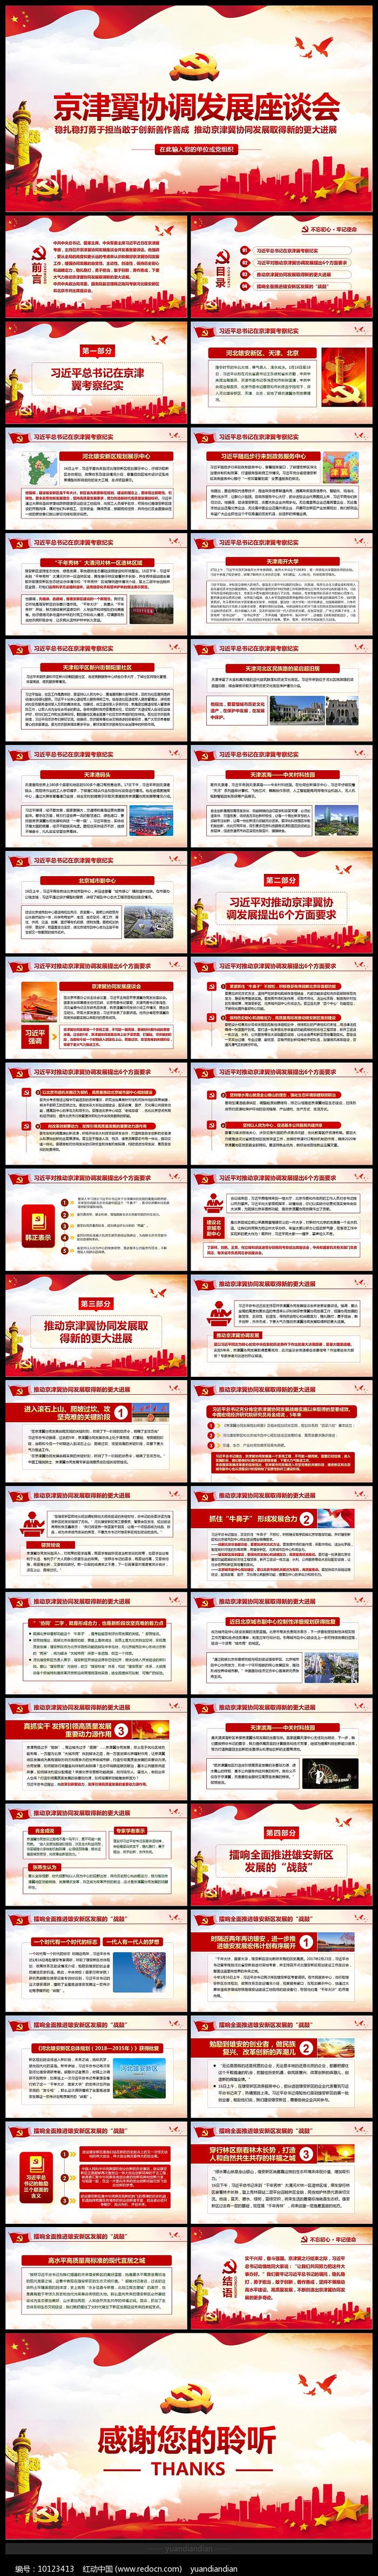 京津冀协同发展党课PPT图片